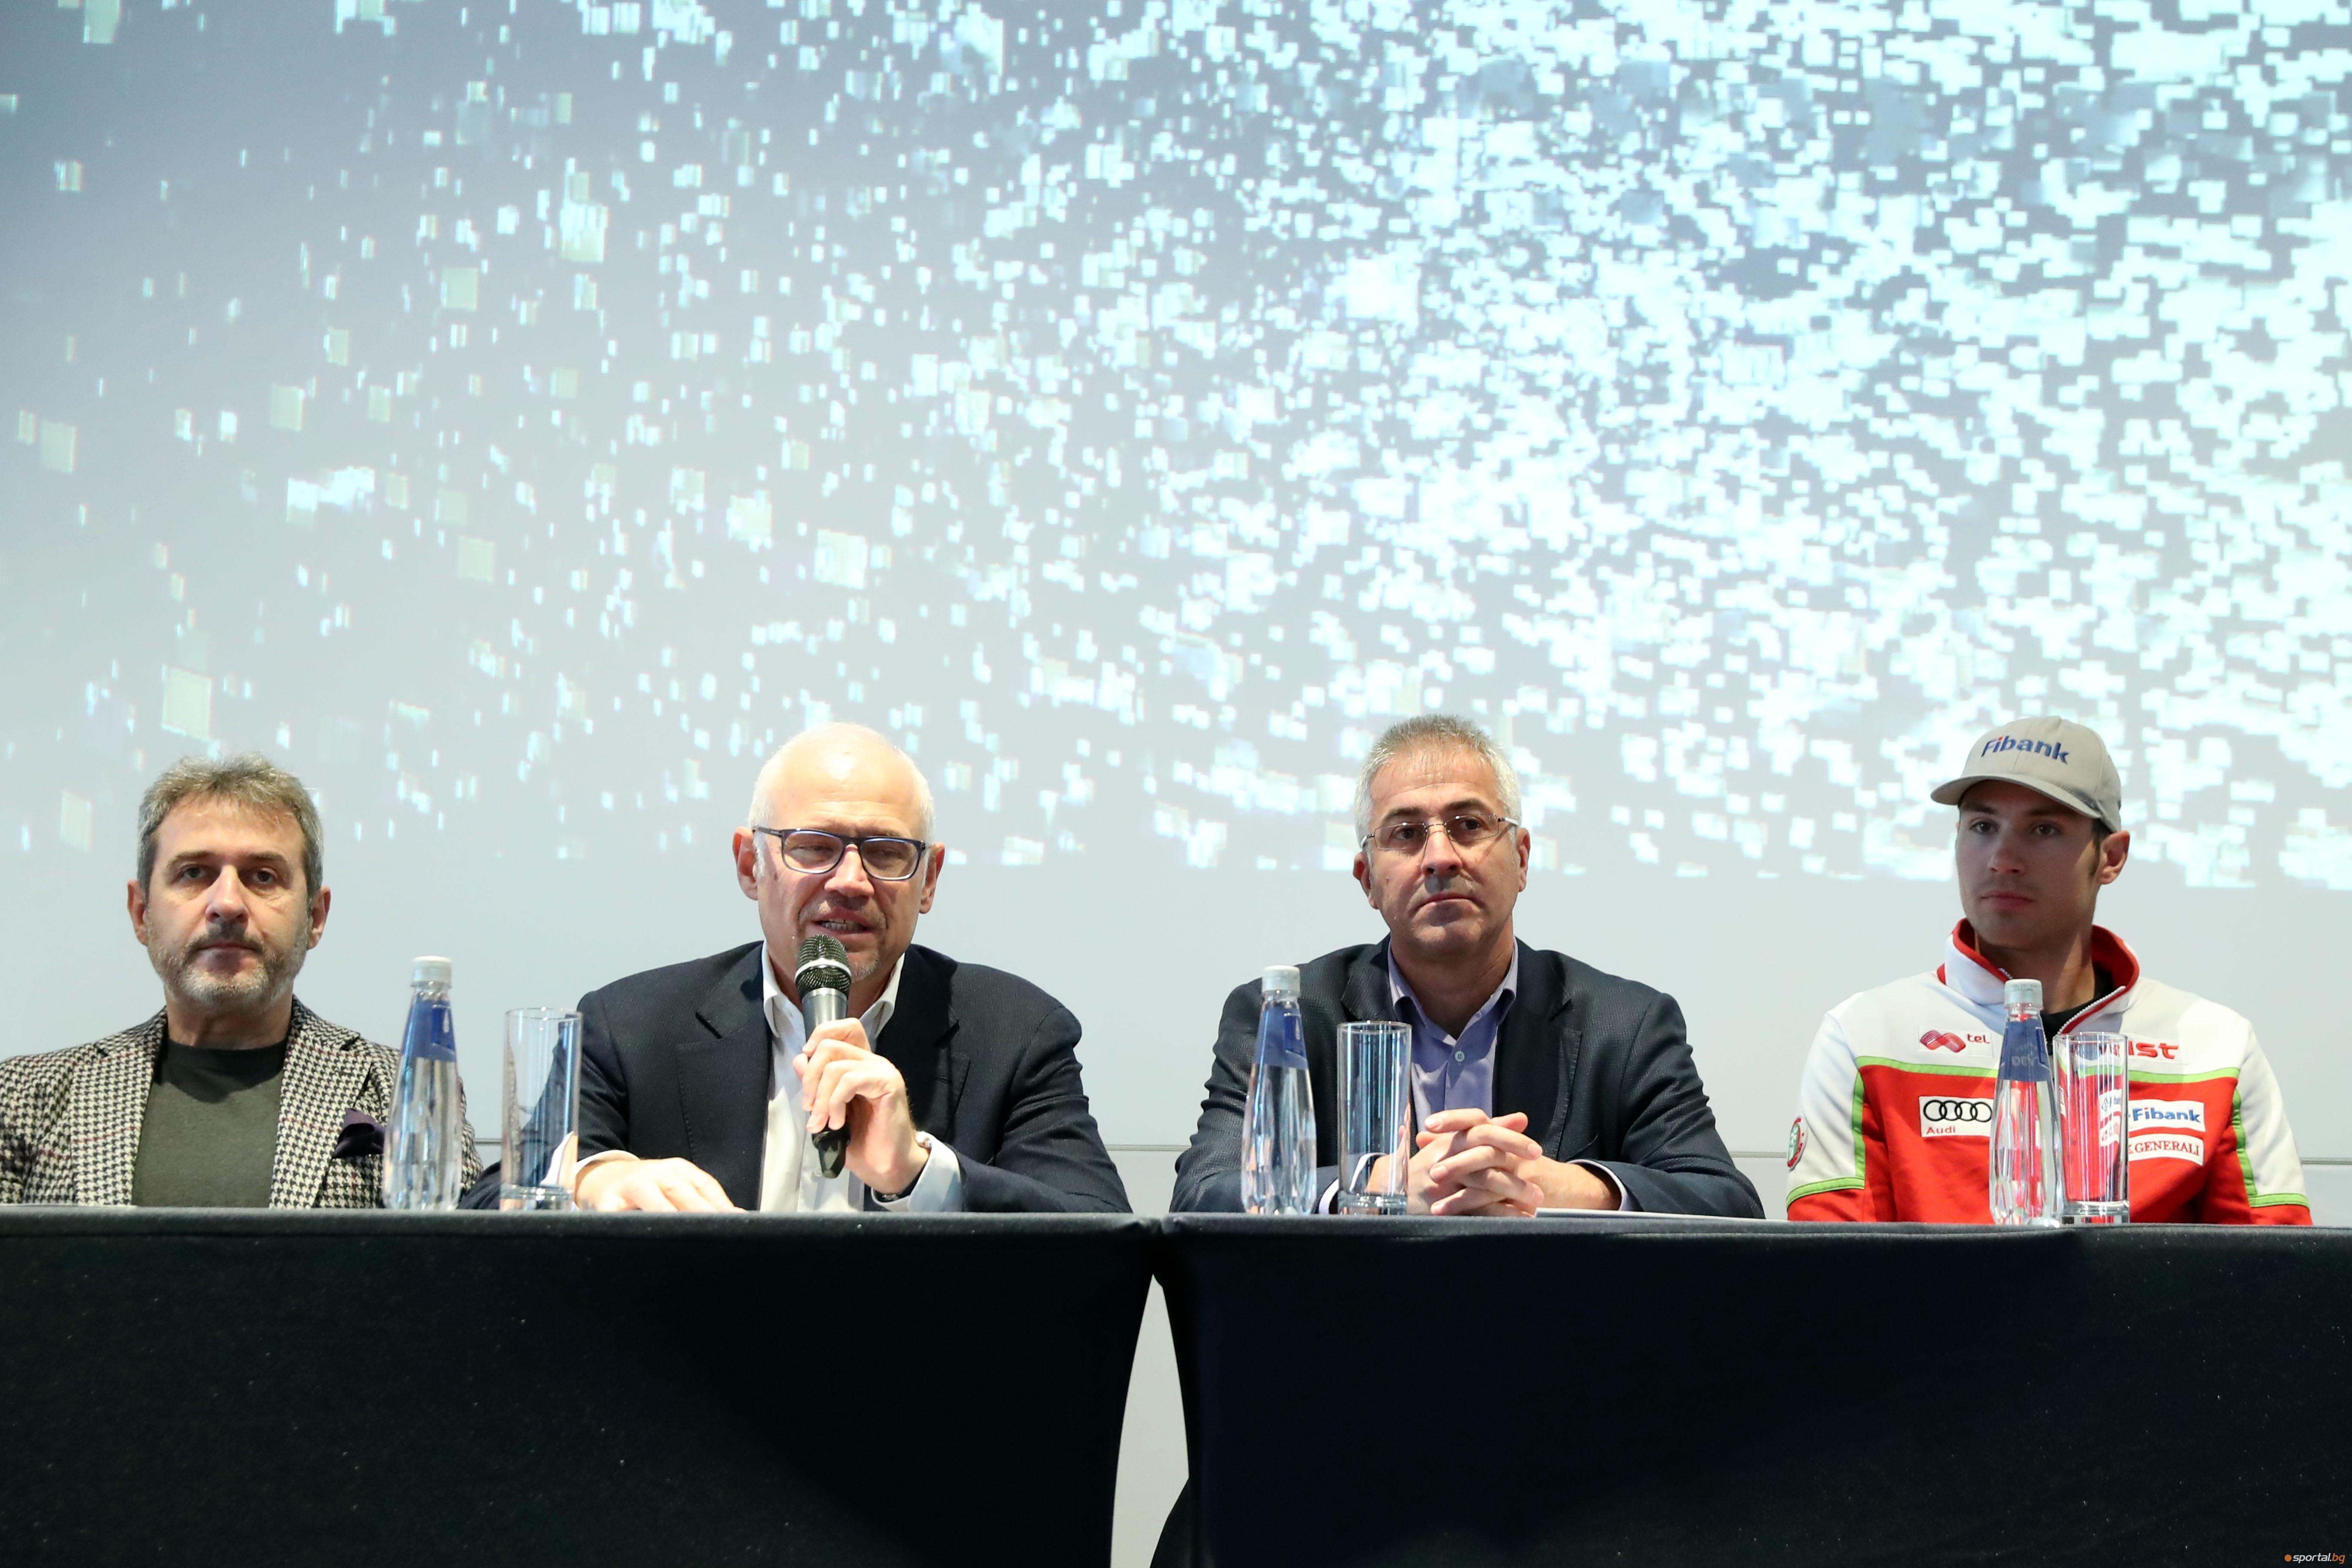 Олимпийските игри в Пьончан през февруари и Световната купа по